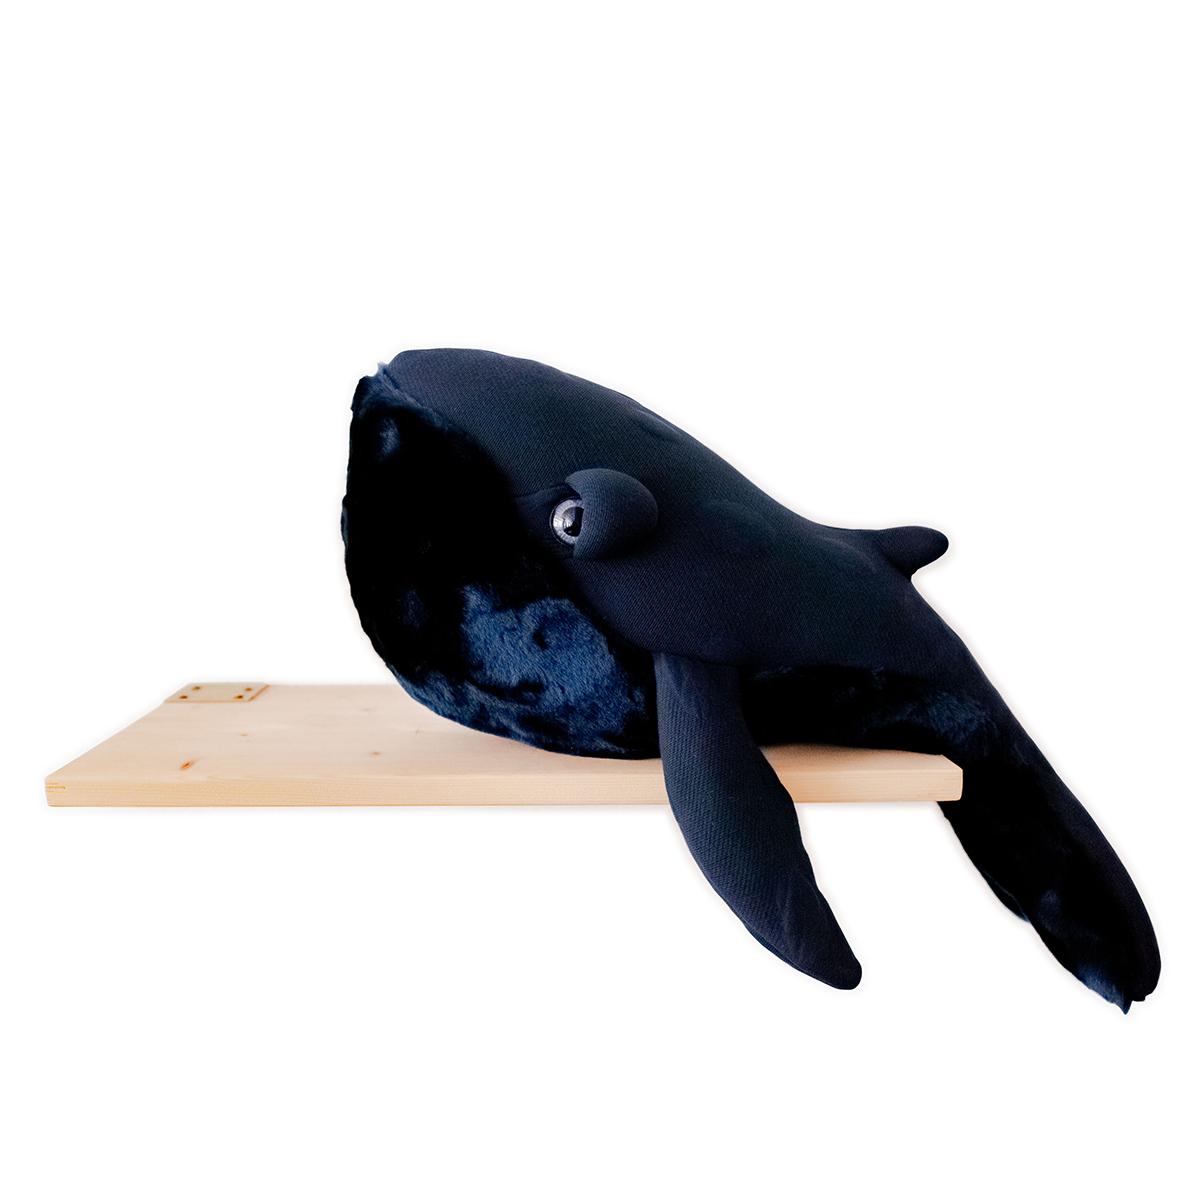 Peluche Petite Baleine Bleu Nuit Peluche Baleine 56 cm